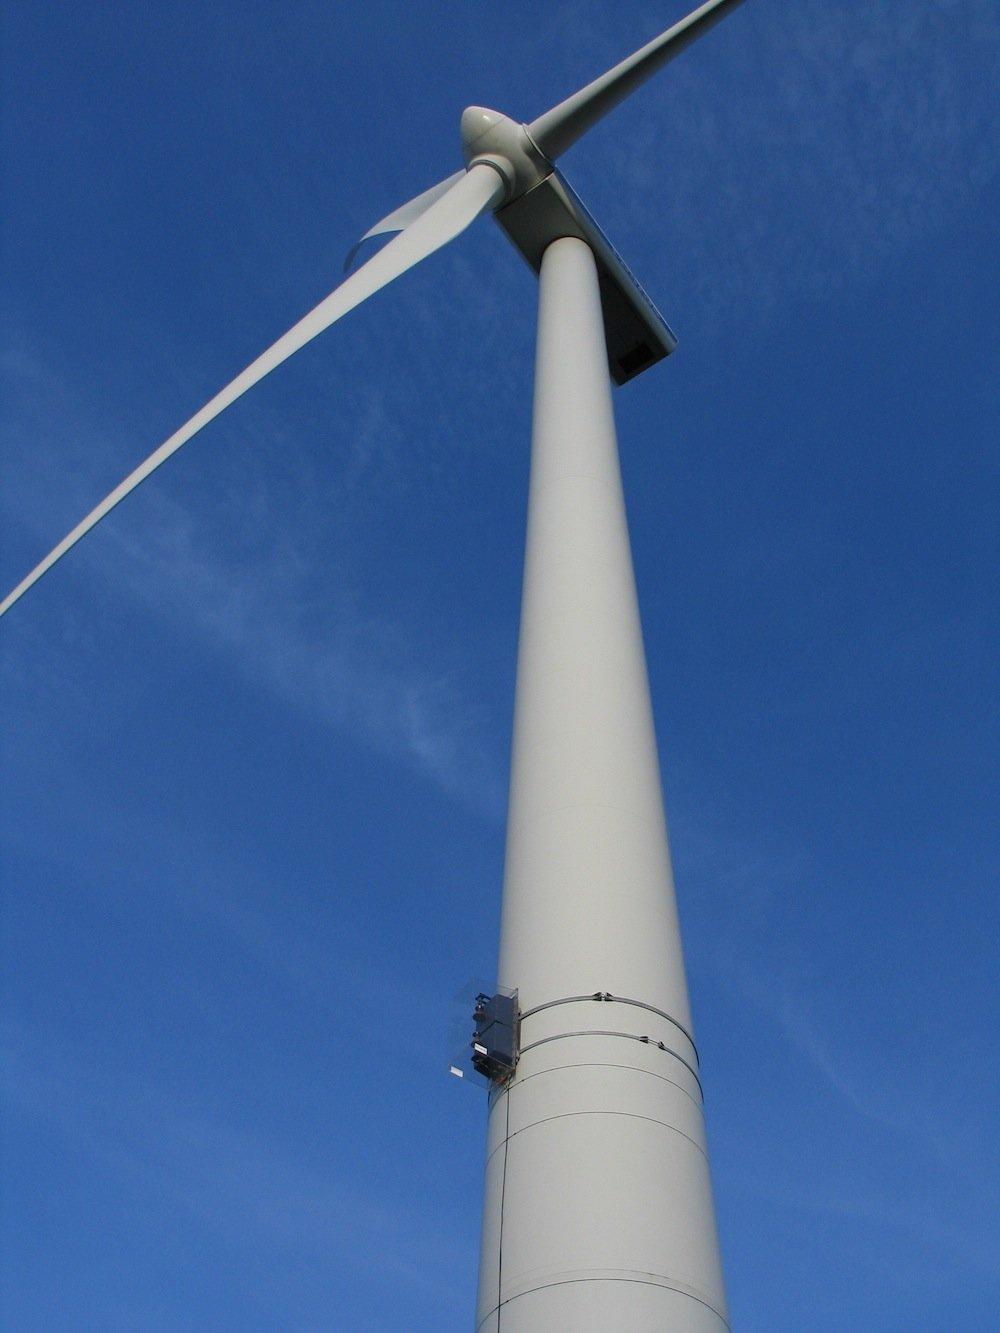 Die Sensoren werden am Windmast befestigt. Die Warnleuchten blinken nur, wenn das Radarsystem ein Flugzeug erfasst.